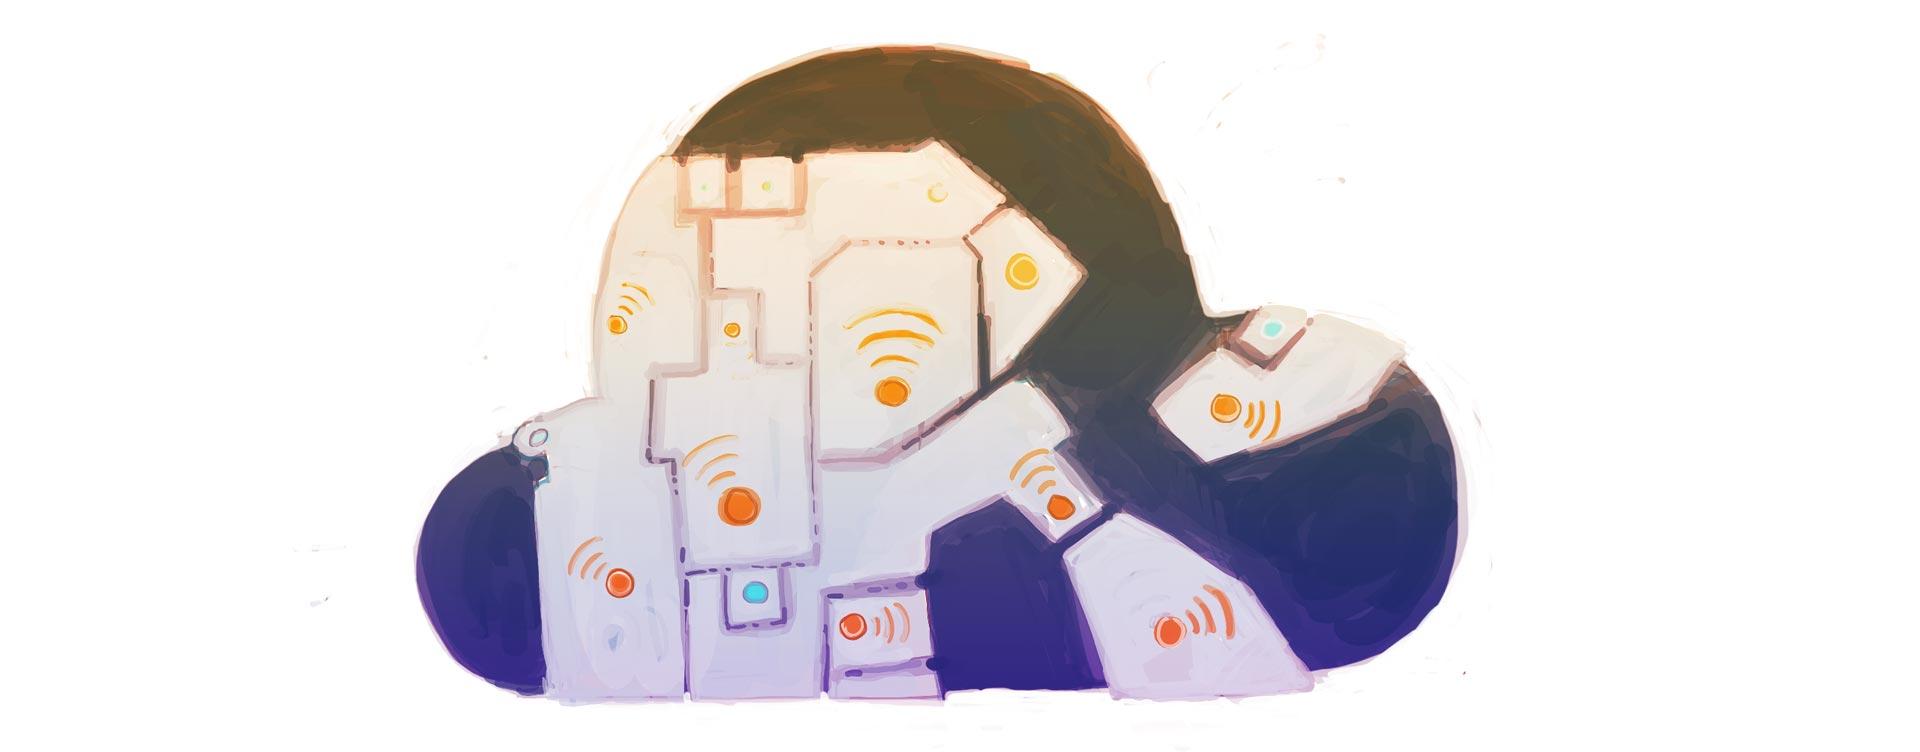 iot-office-1